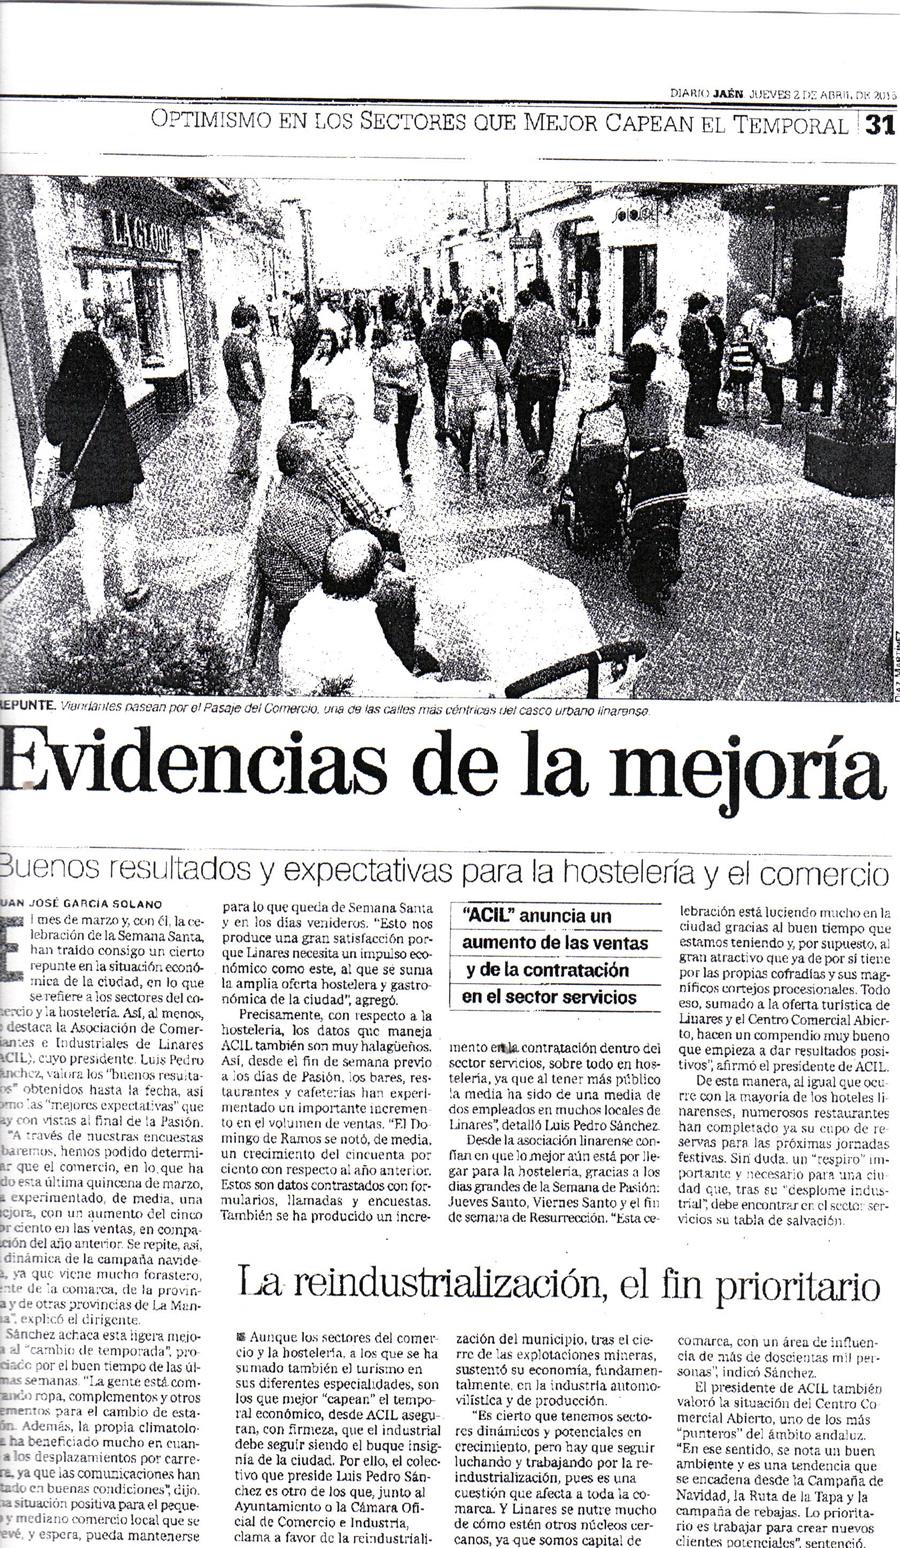 evidencias_de_la_mejoria02042015